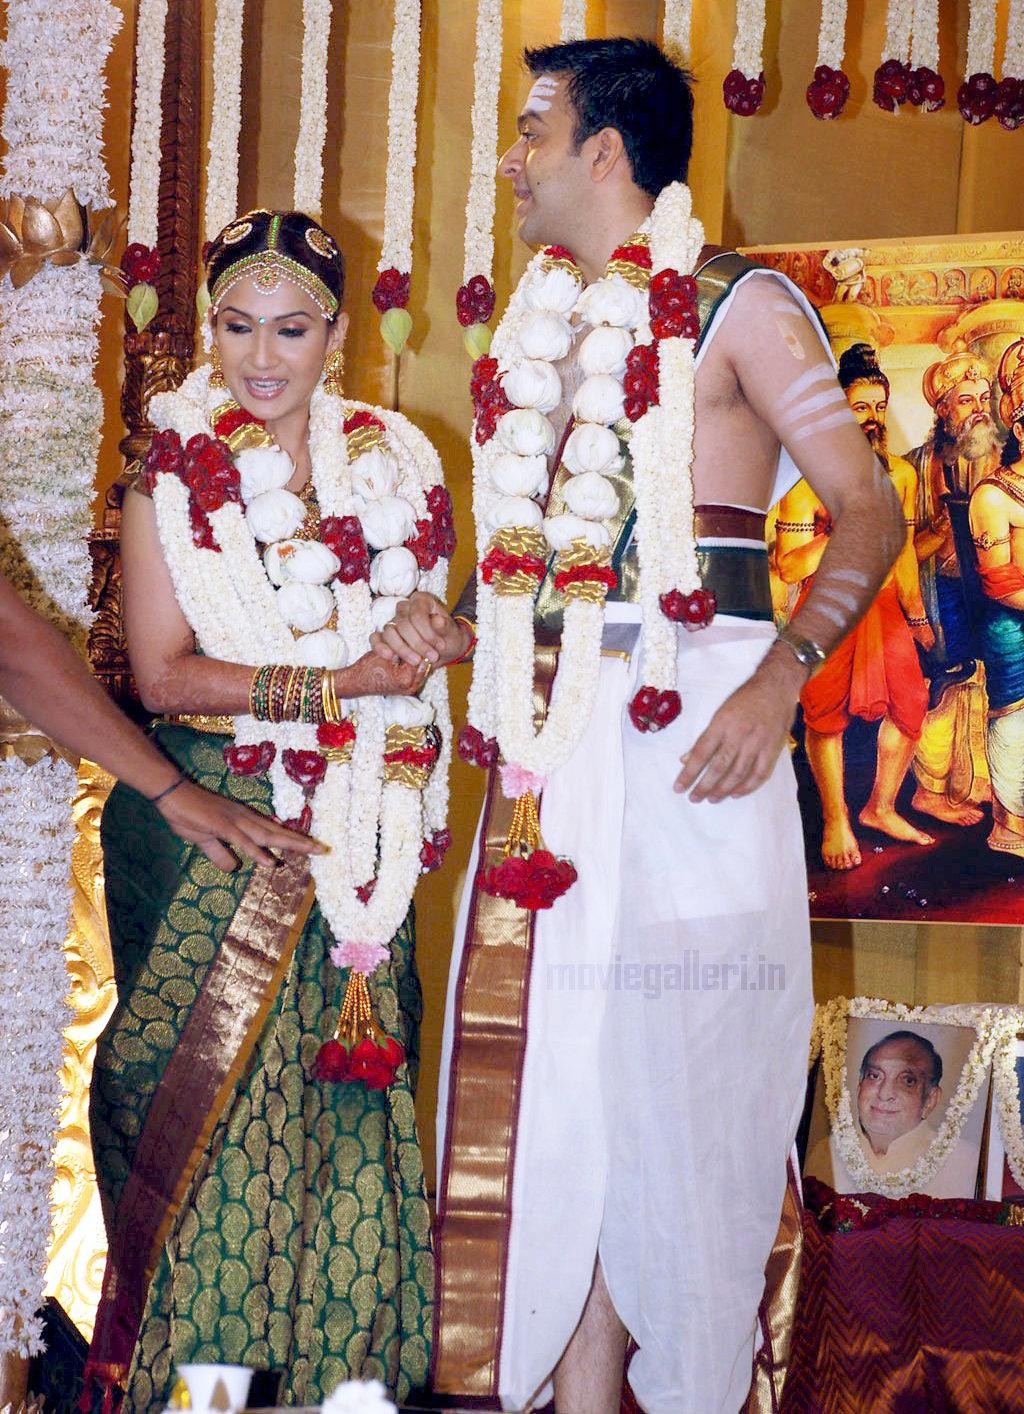 Samantha Hd Wallpapers In Saree Soundarya Rajinikanth Marriage Photos Soundarya